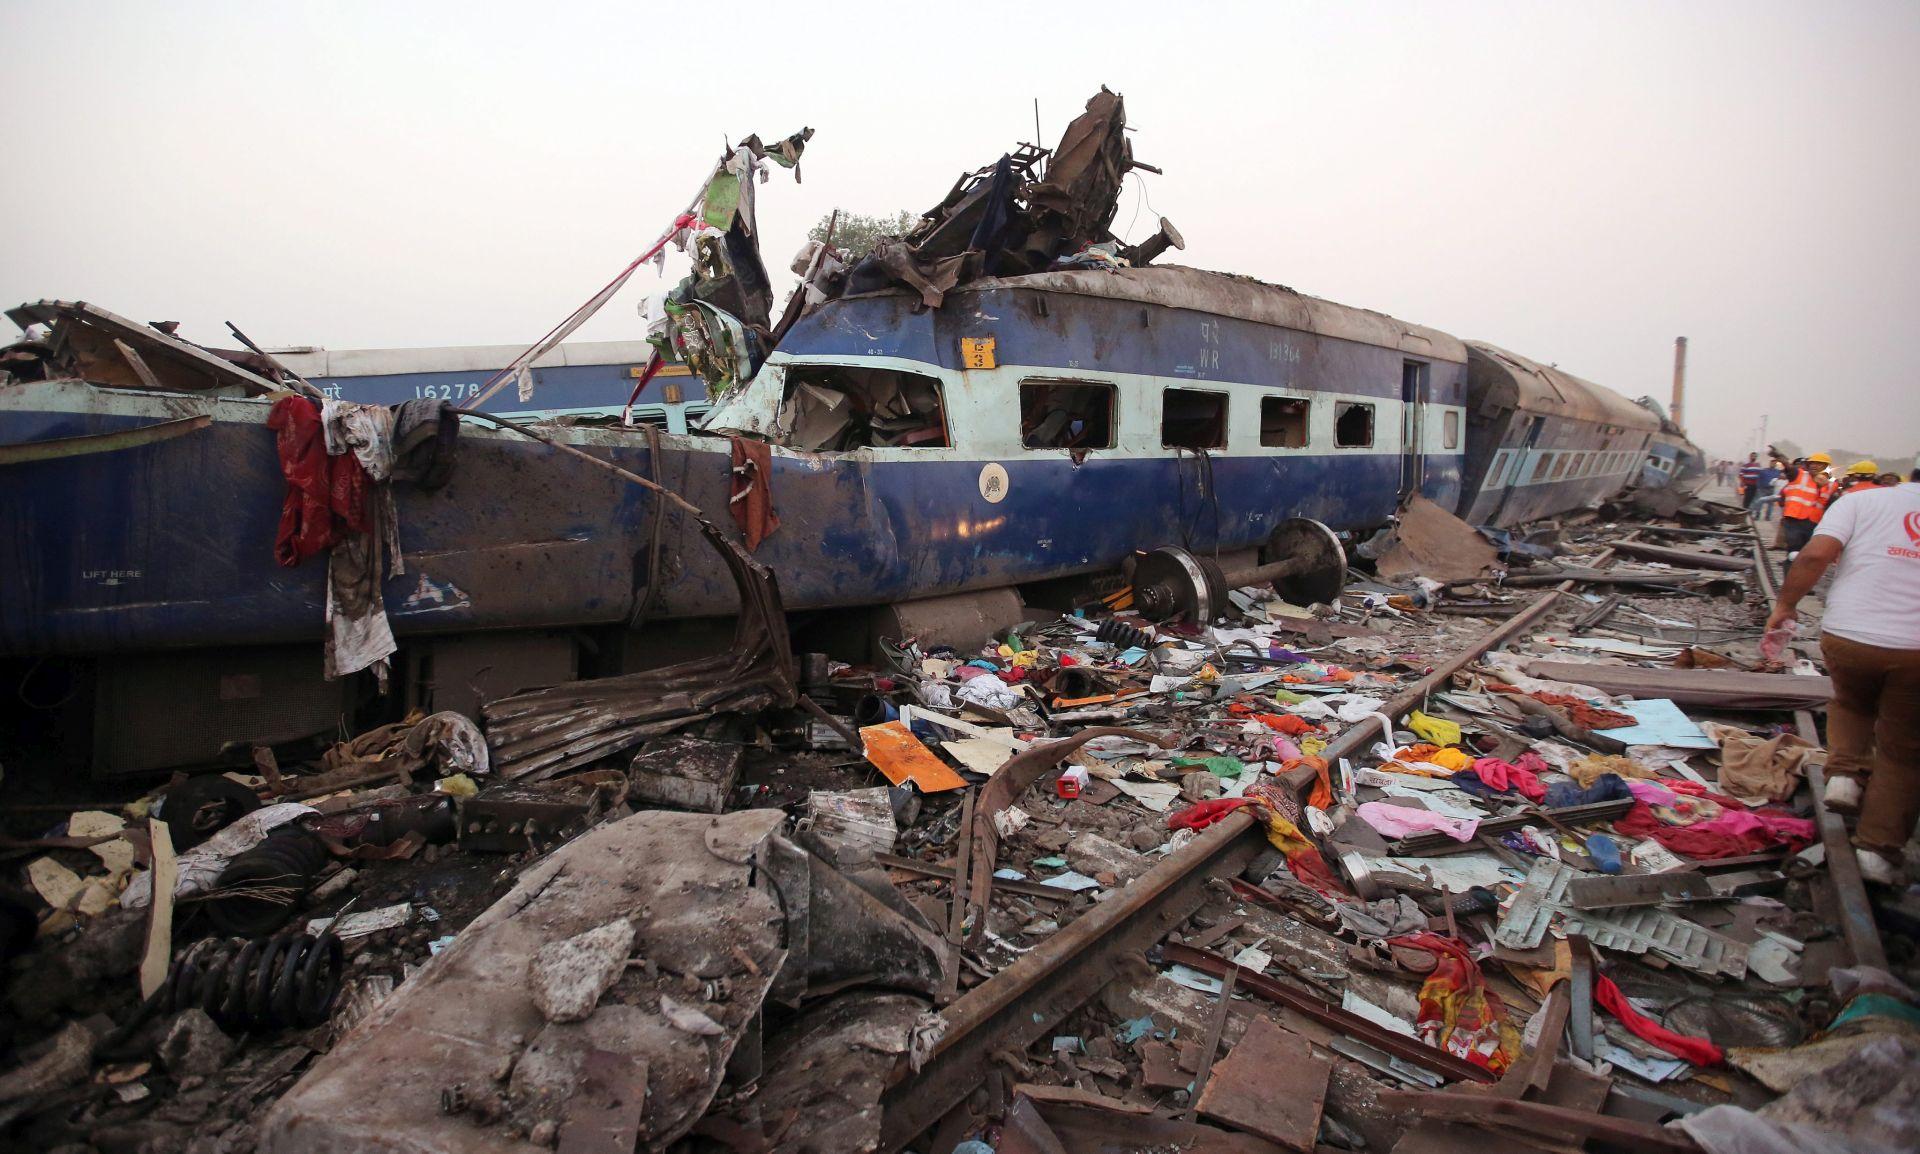 Broj poginulih u željezničkoj nesreći u Indiji porastao na 142